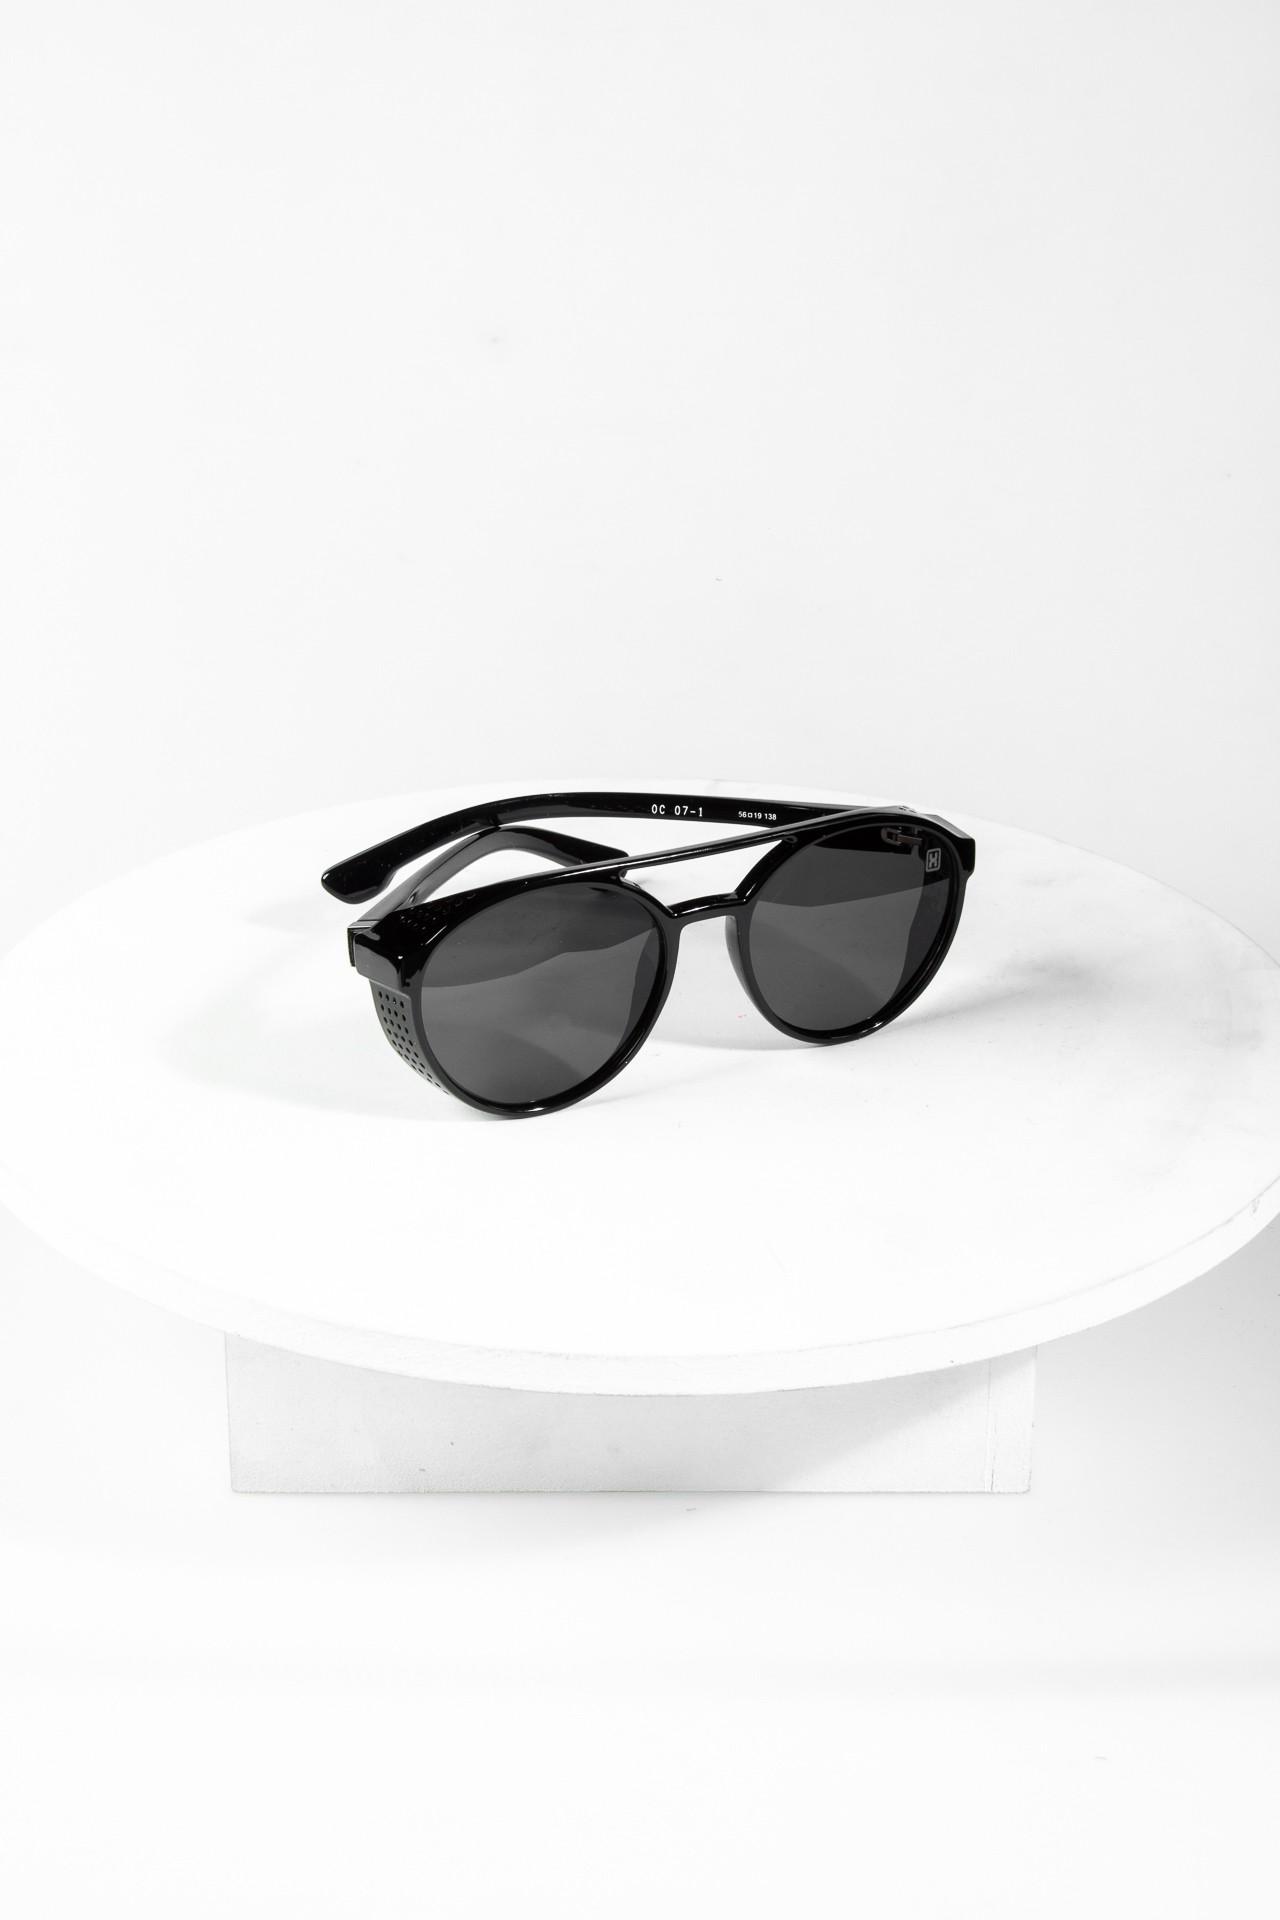 Óculos de Sol TXC 8111 G15 7.1